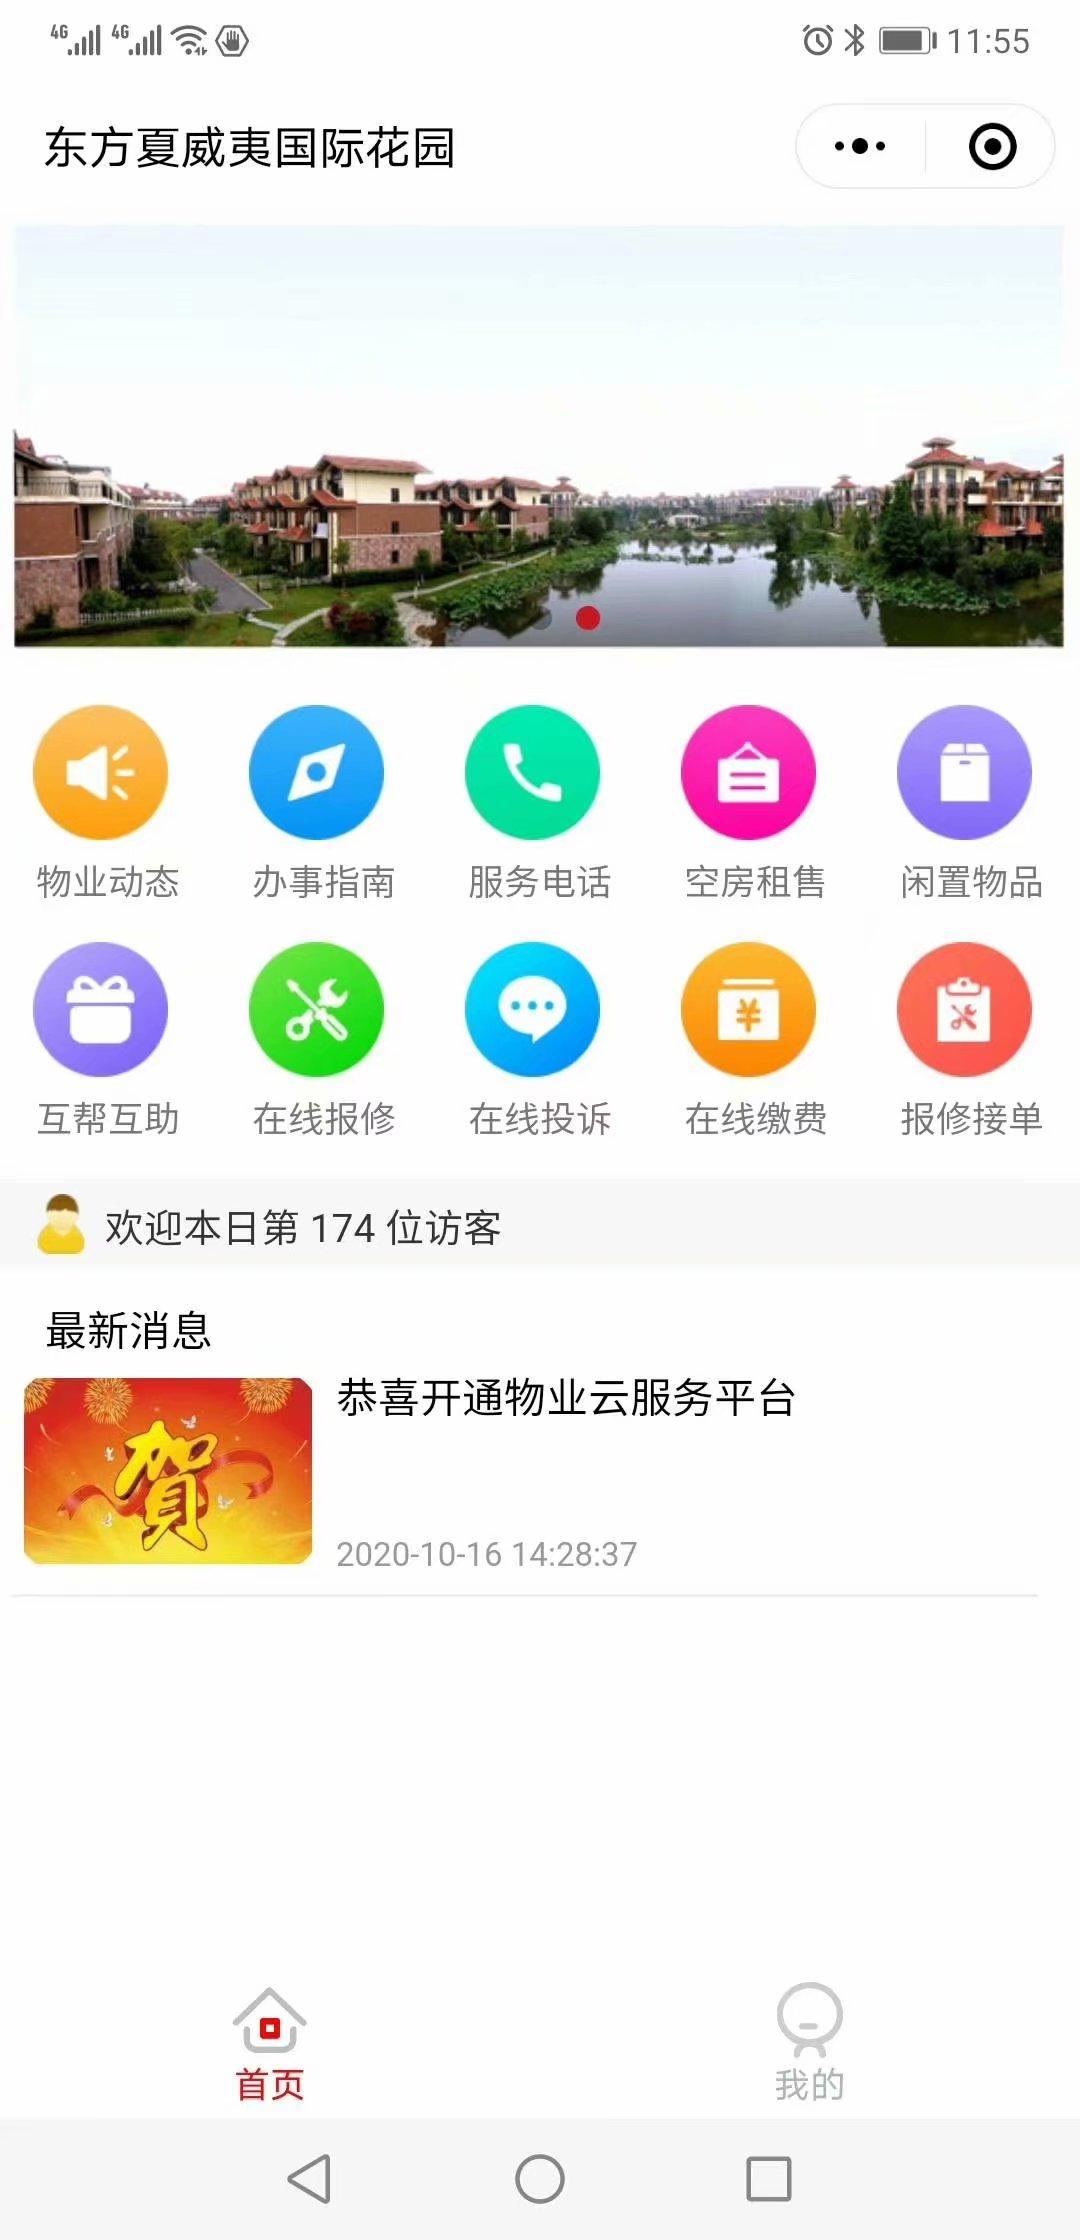 祝贺武汉嘉臣信物业管理公司开通业主在线服务平台小程序